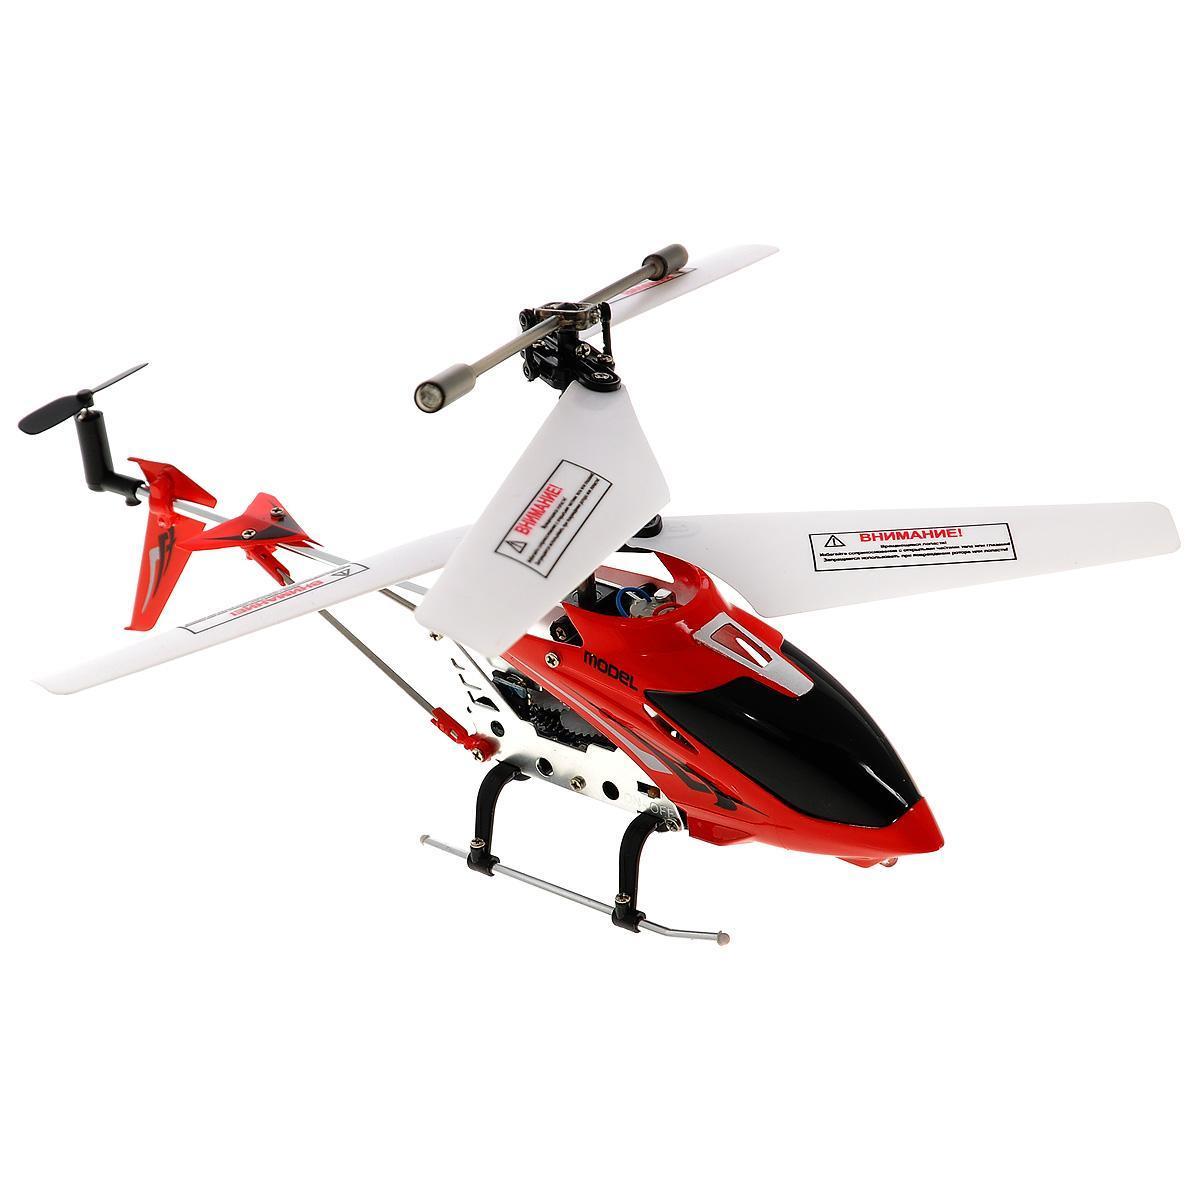 Вертолет на инфракрасном управлении BALBI IRH-022-A, с гироскопом, со световыми эффектами, цвет: красный